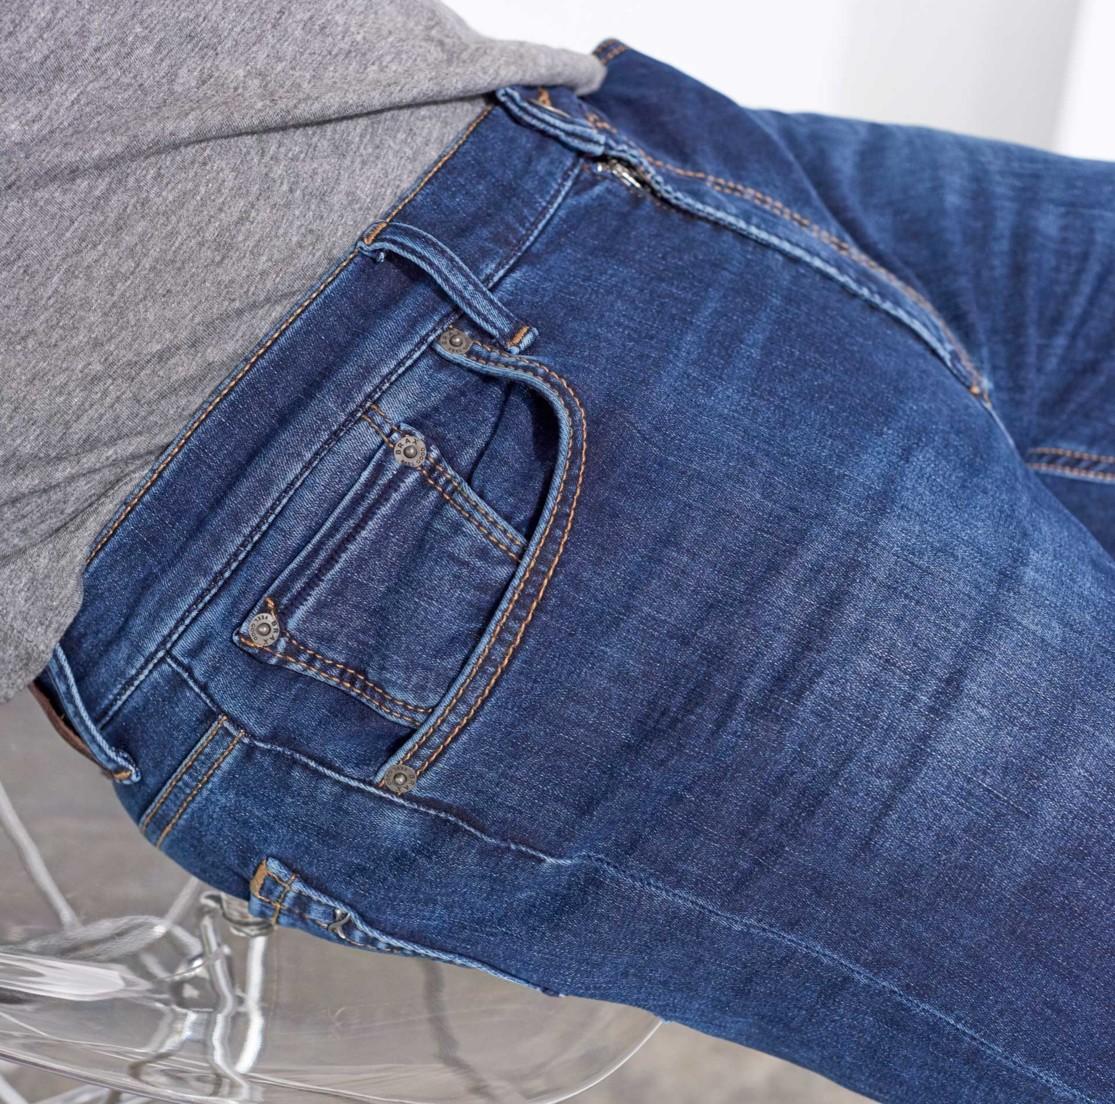 Jeans für Herren Guide mit Farben und Passformen